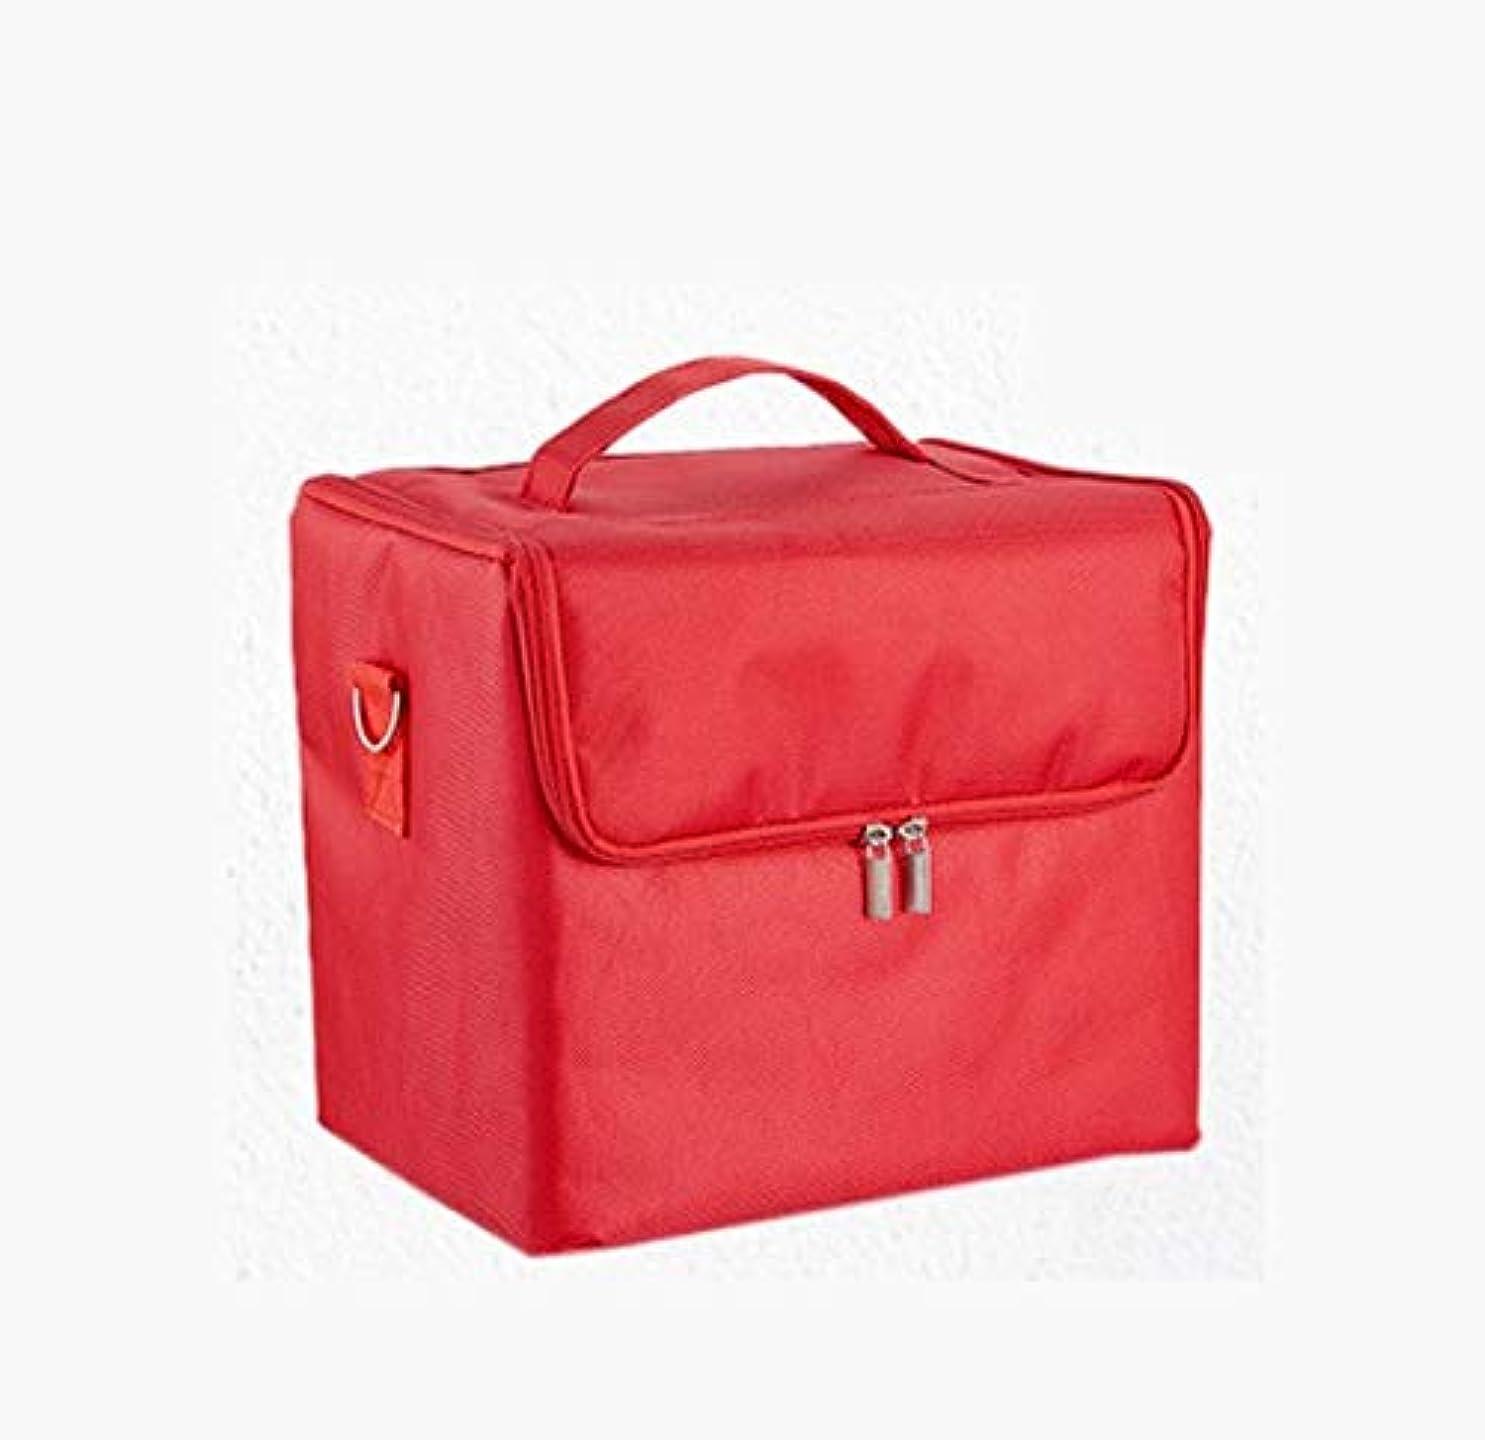 パノラマ確認ステープル化粧箱、大容量多機能防水化粧品ケース、携帯用旅行化粧品袋収納袋、美容化粧ネイルジュエリー収納箱 (Color : Red)